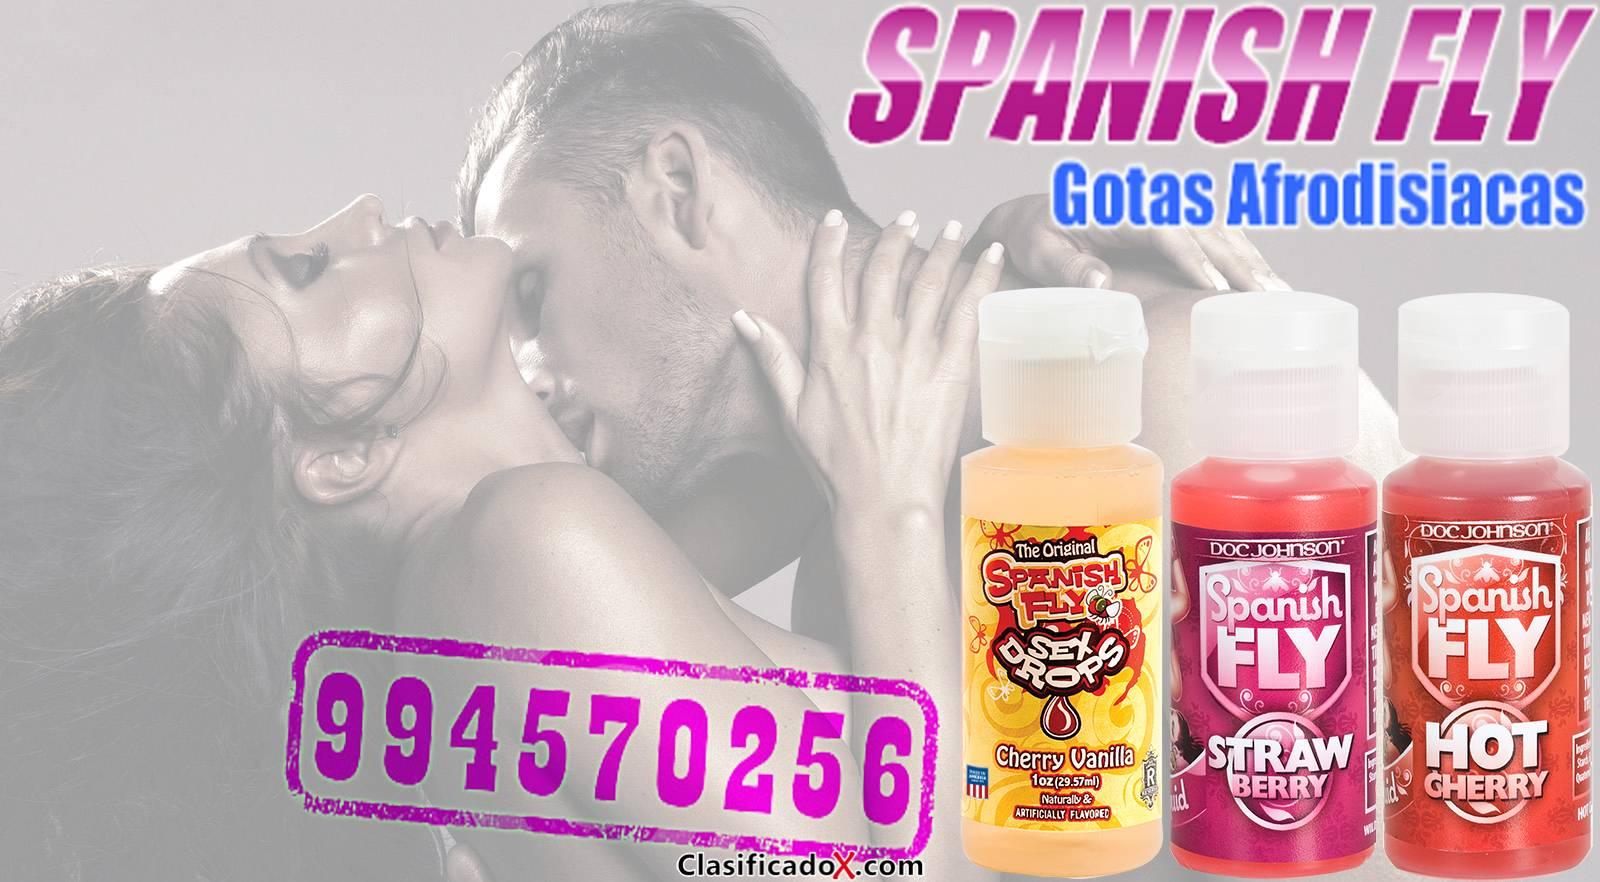 TRUJILLO +++ SEXSHOP OFERTAS ++++ VIBRADORES DE CLITORIS - SEXO ANAL SIN DOLOR 994570256